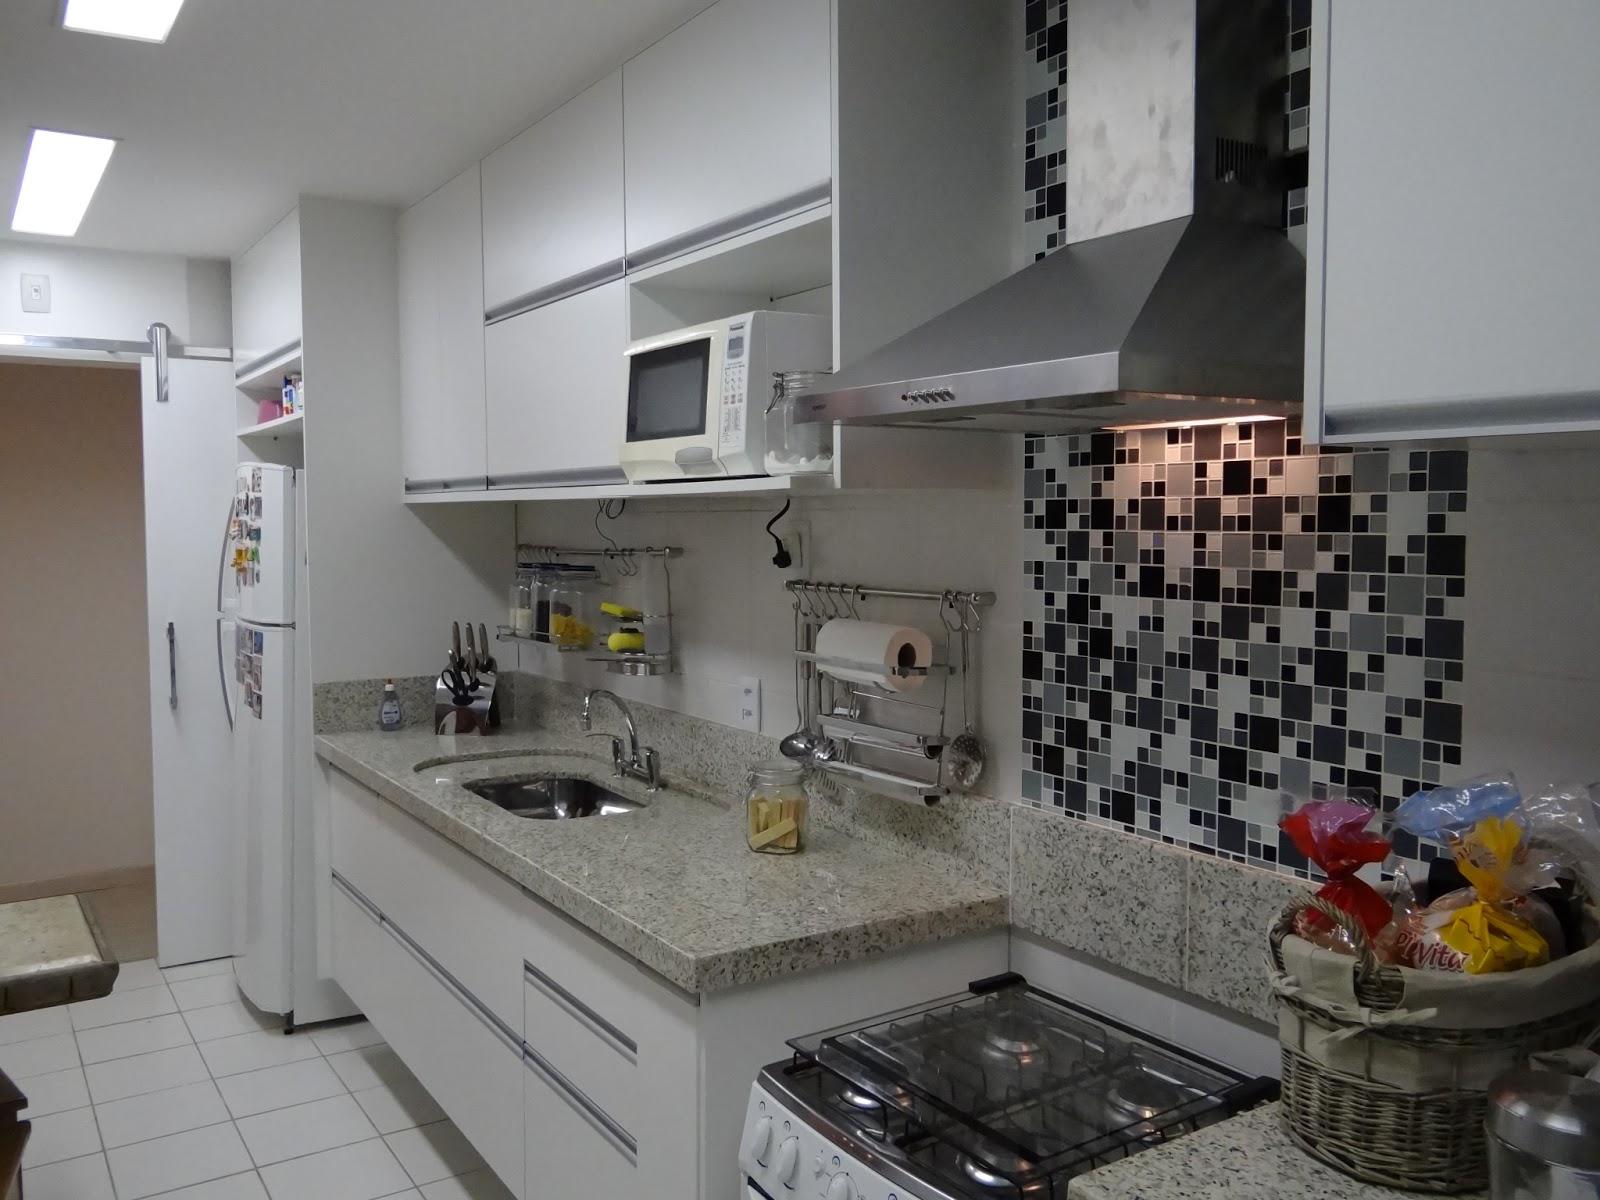 Cozinha linear grandinha para os padrões de cozinhas lineares visto  #815B4A 1600 1200